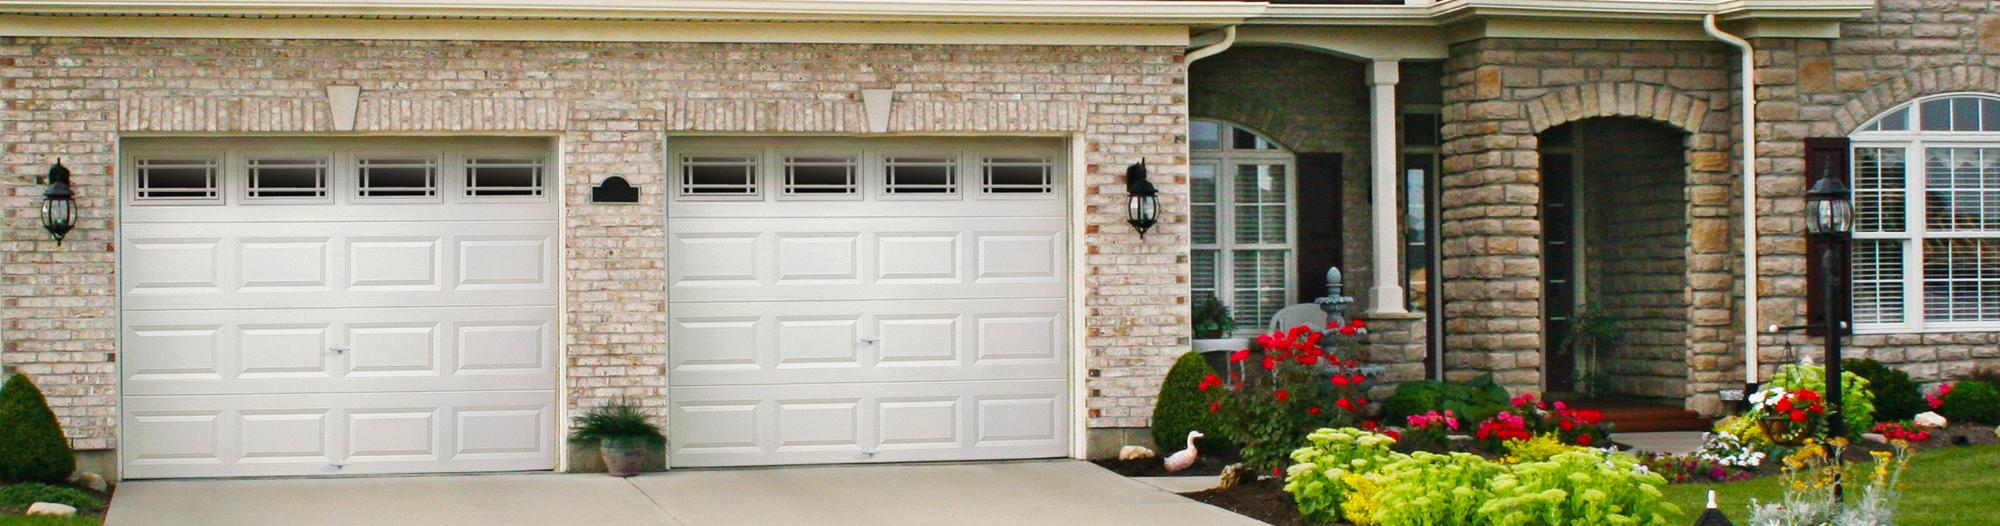 Garage Doors Nj Garage Door Repair Nj Contact Us